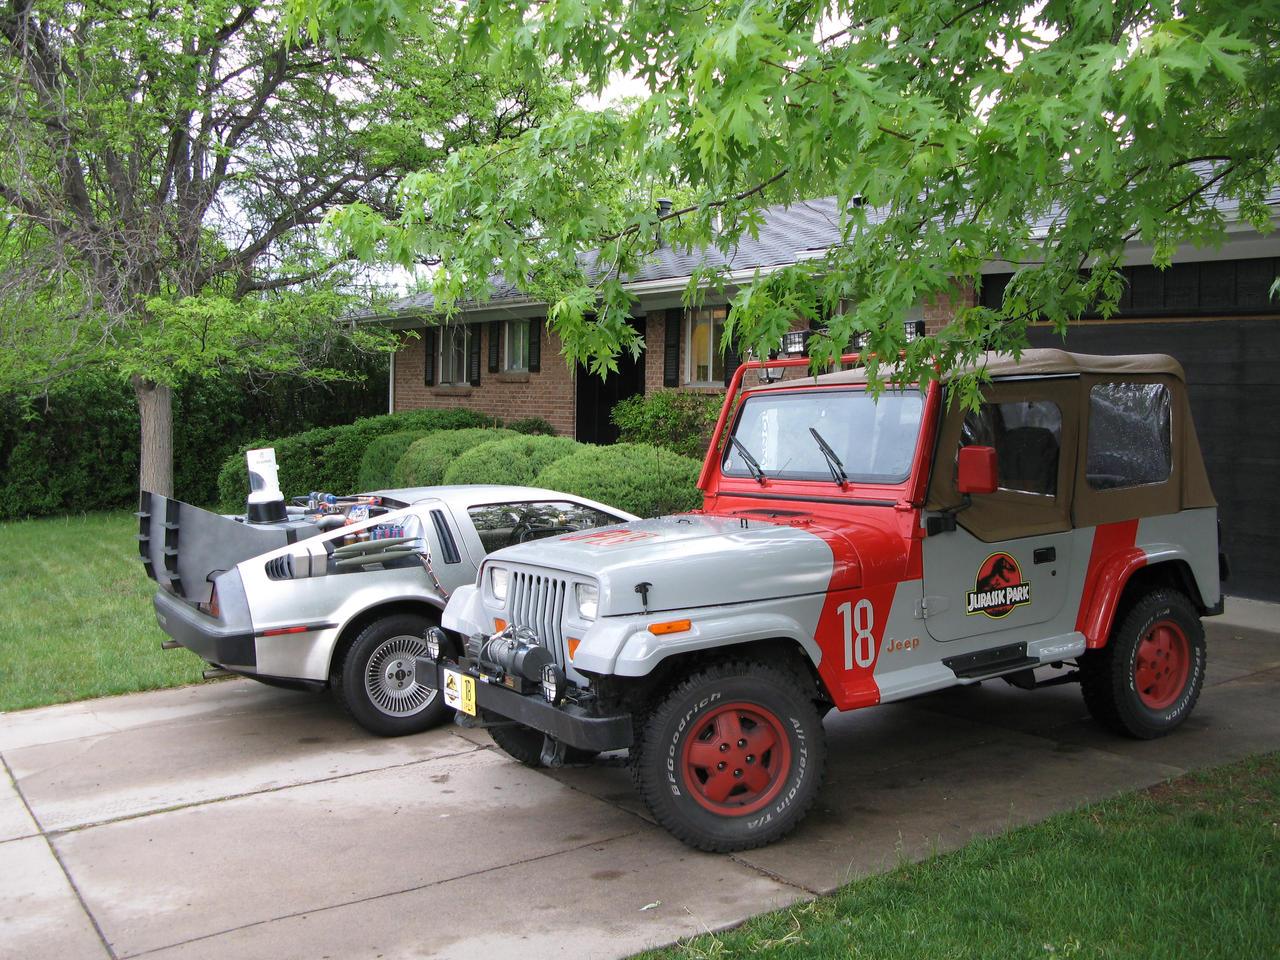 jurassic park jeep wrangler 32boomerjinks on deviantart